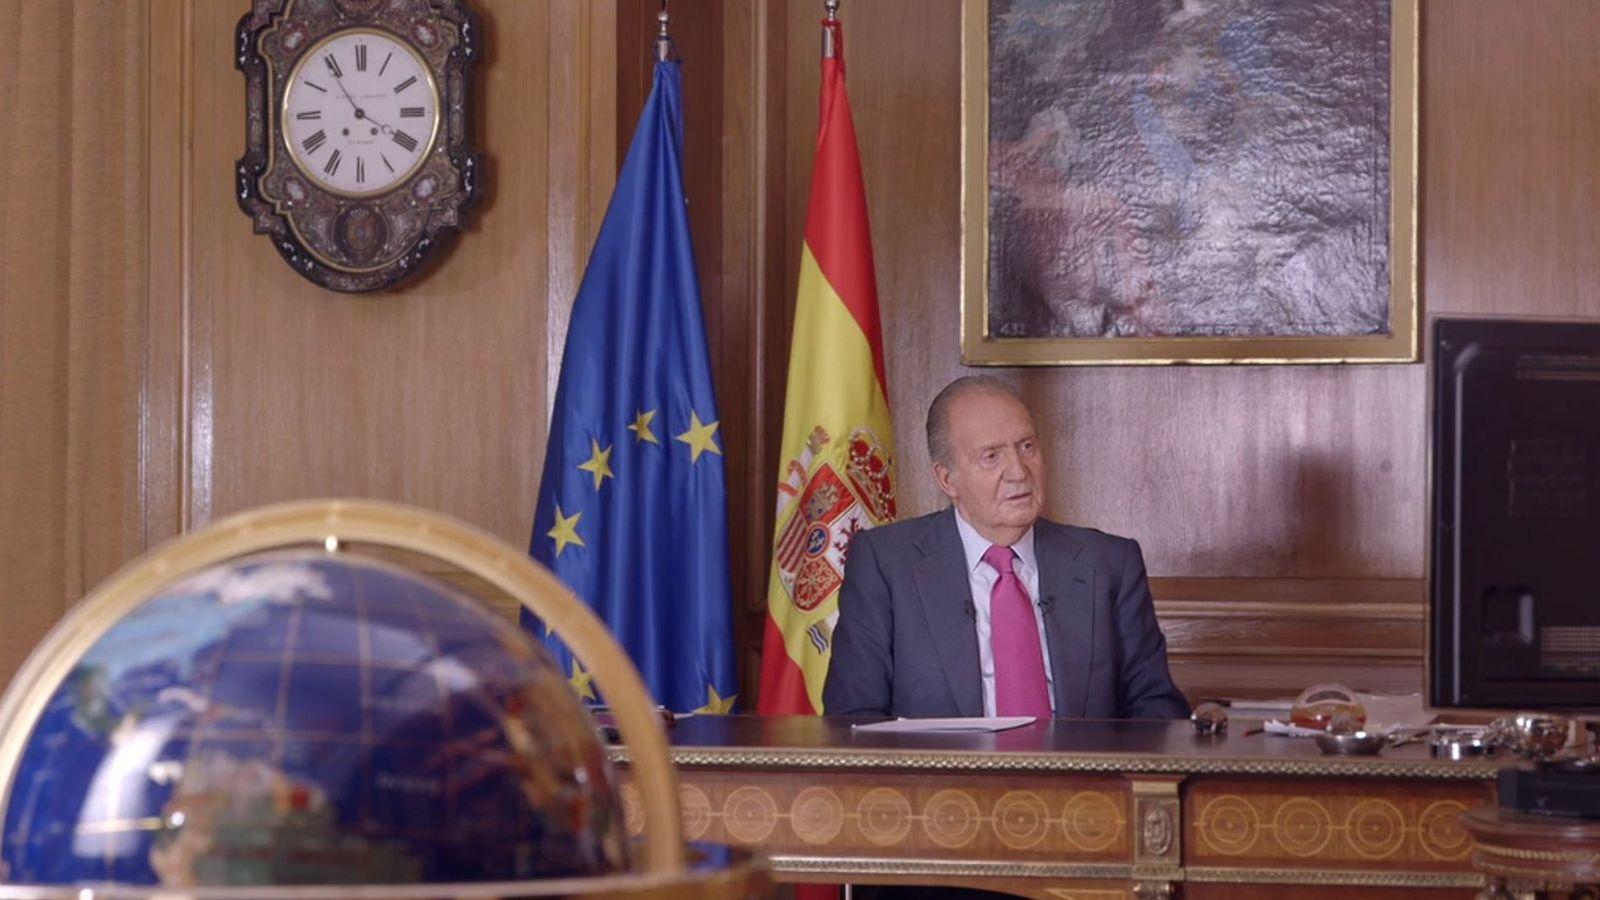 Foto: El Rey Juan Carlos, durante la entrevista concedida a la televisión pública francesa